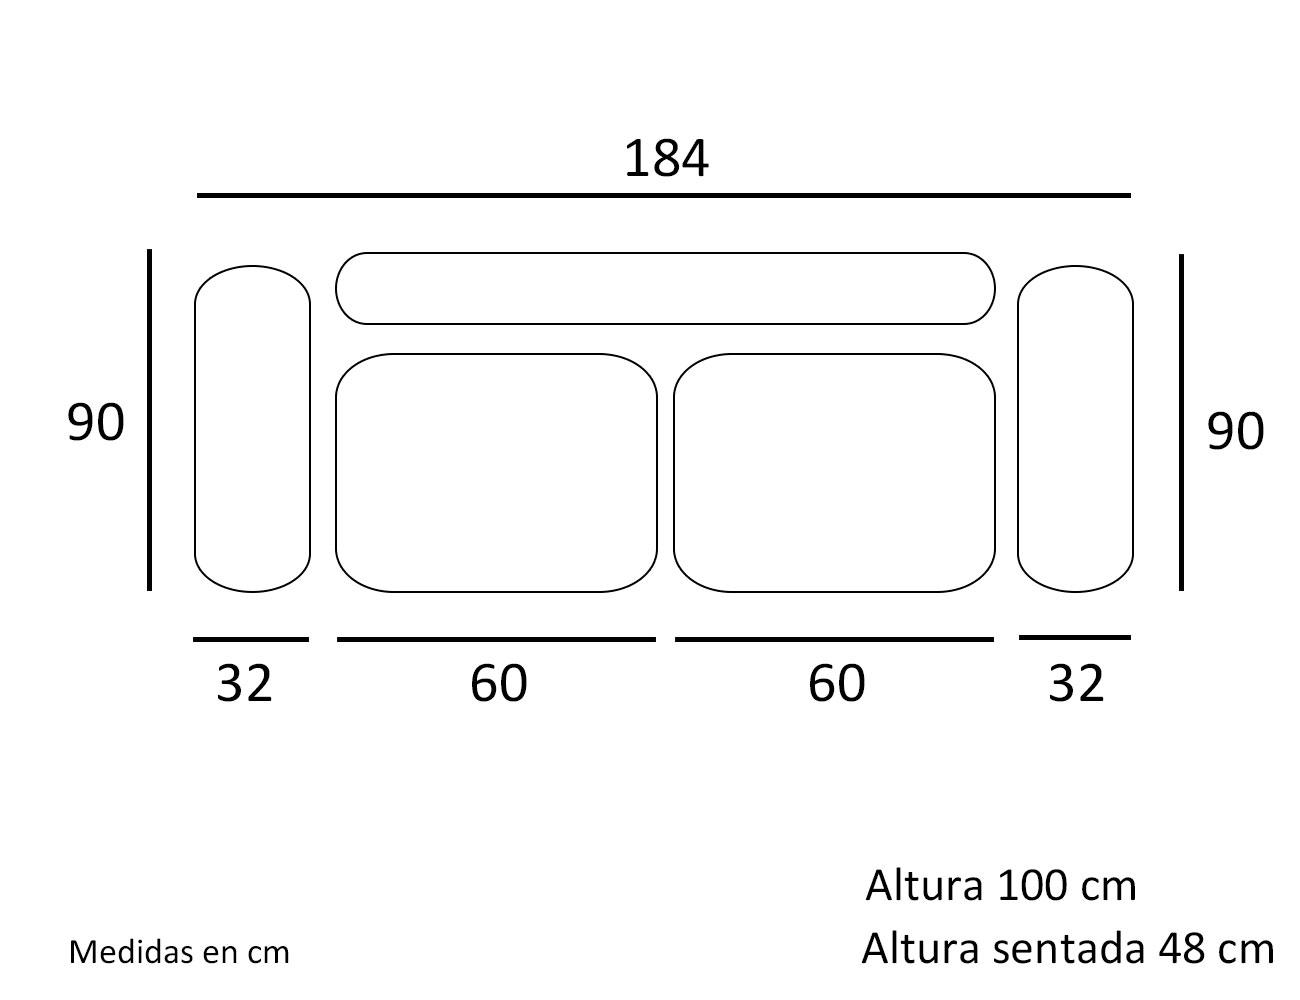 Croquis sofa 3 plazas 184